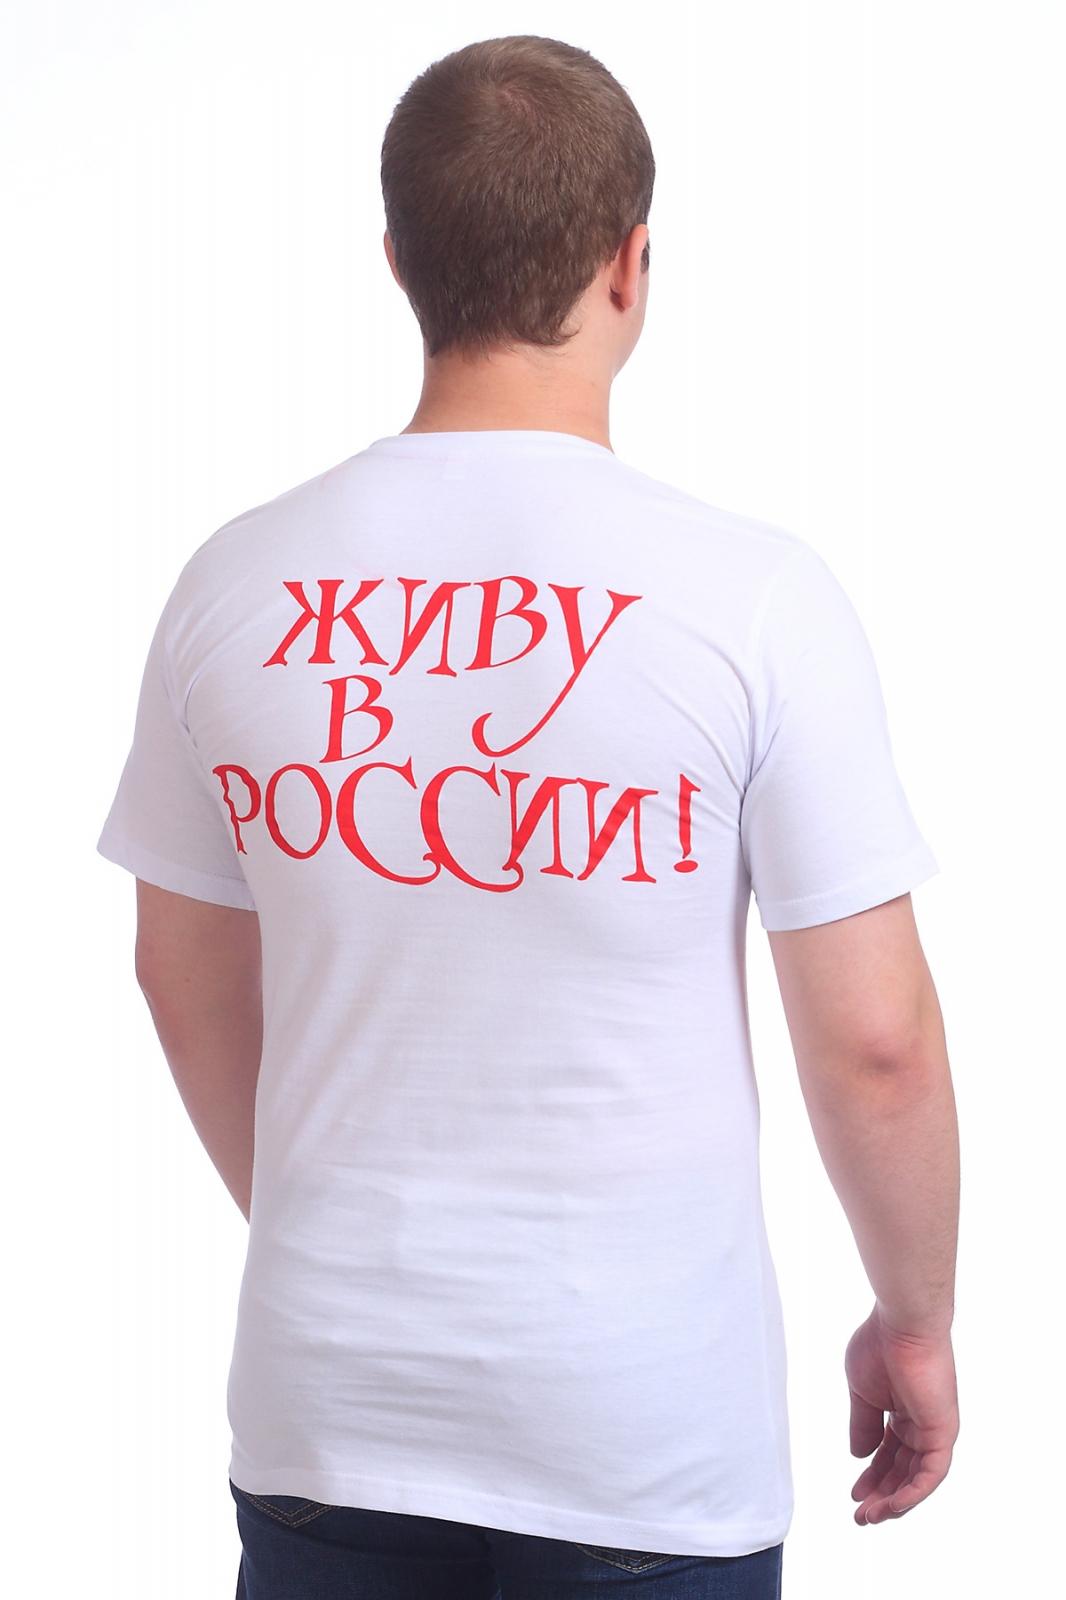 Купить футболки Медведь